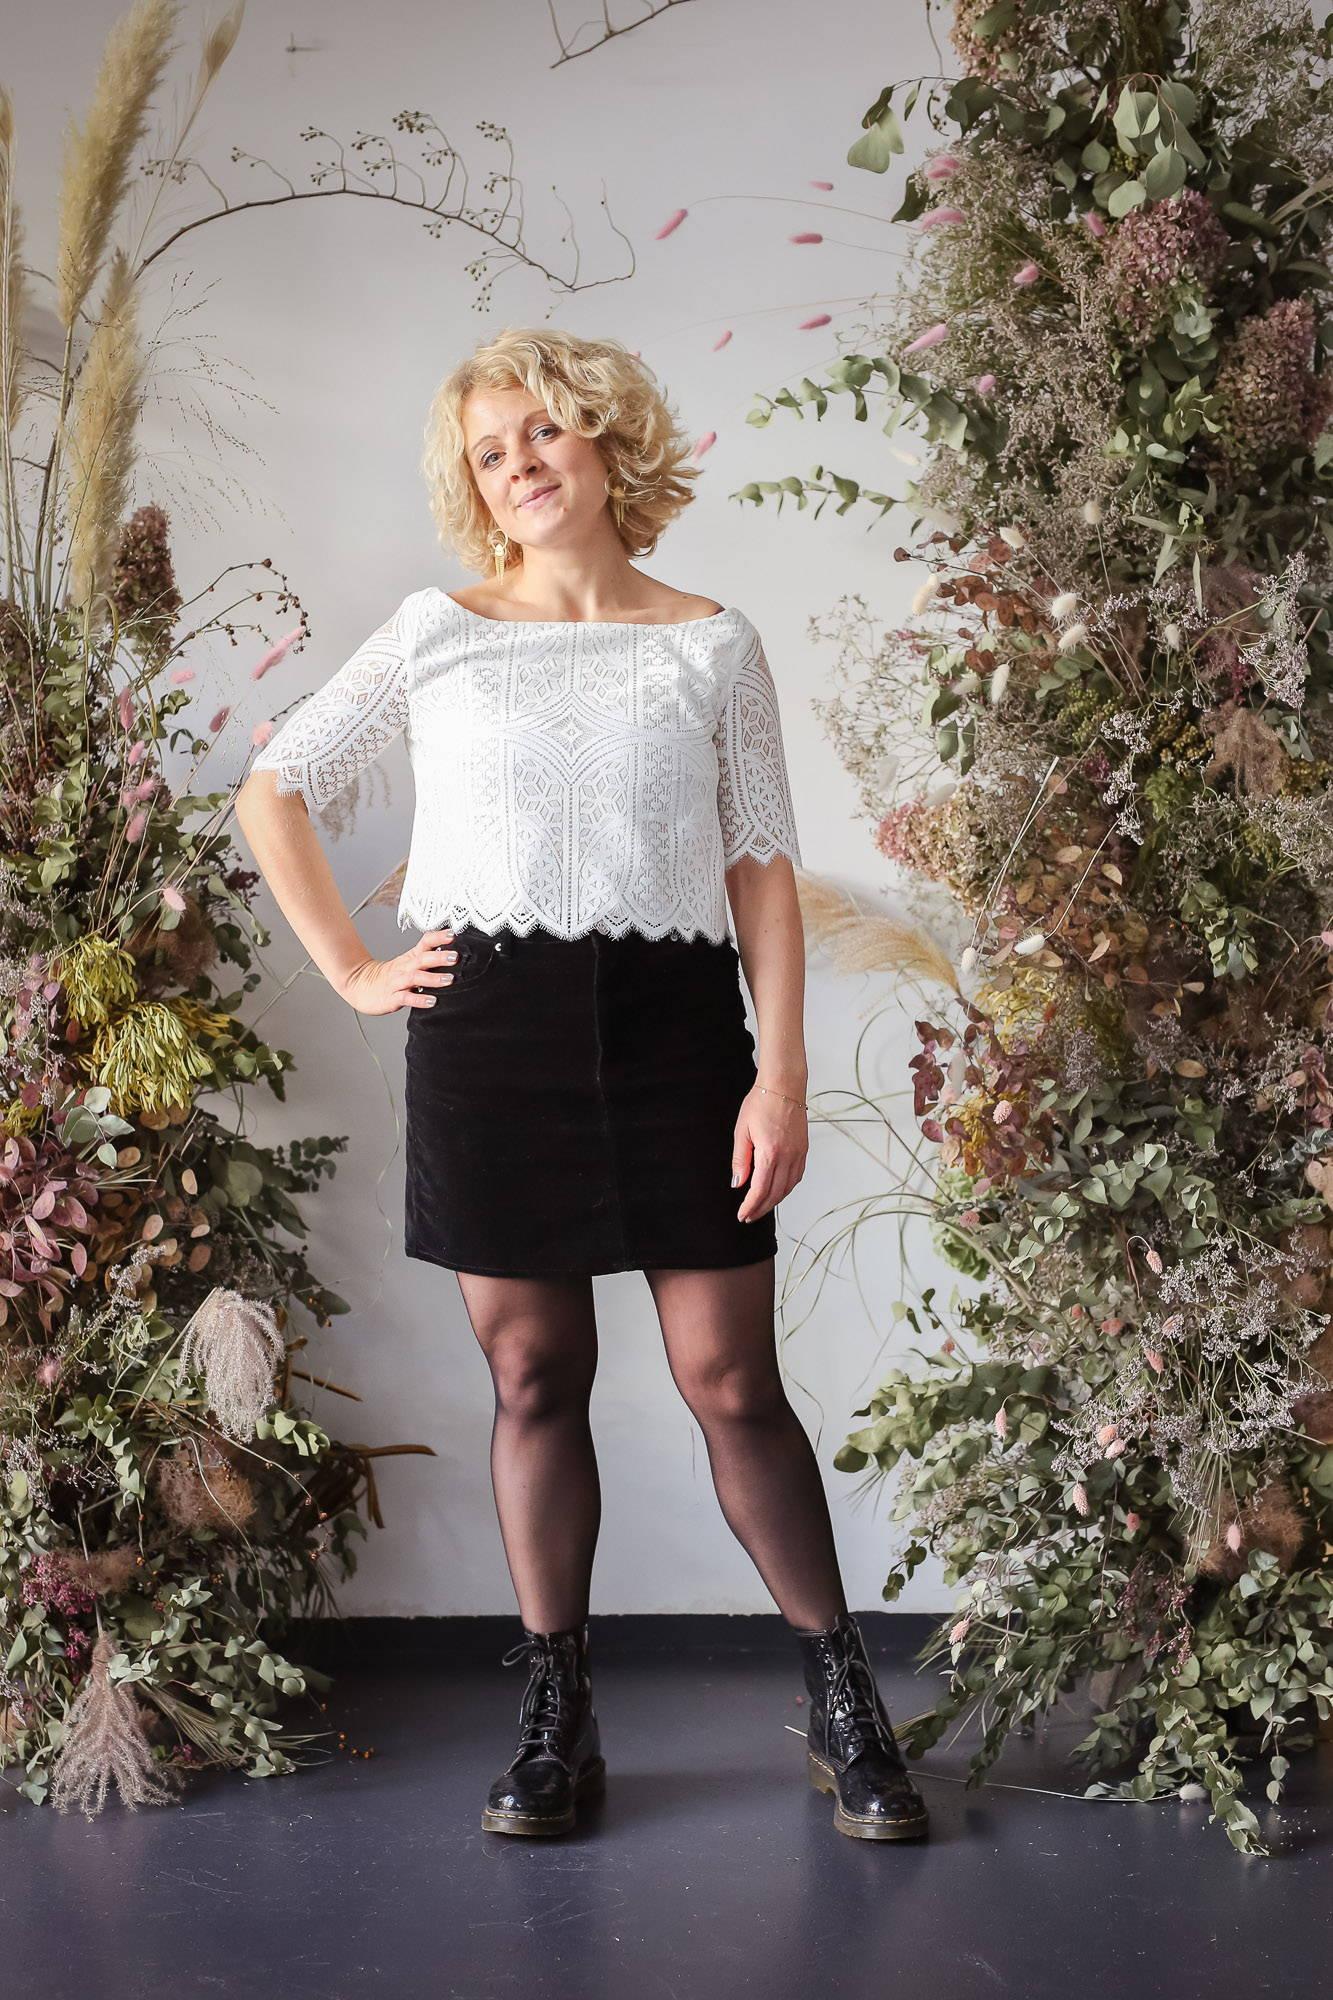 noni Brautkleider, Boho-Top Louise aus grafischer Spitze in Ivory, kombiniert mit schwarzem Rock und Boots